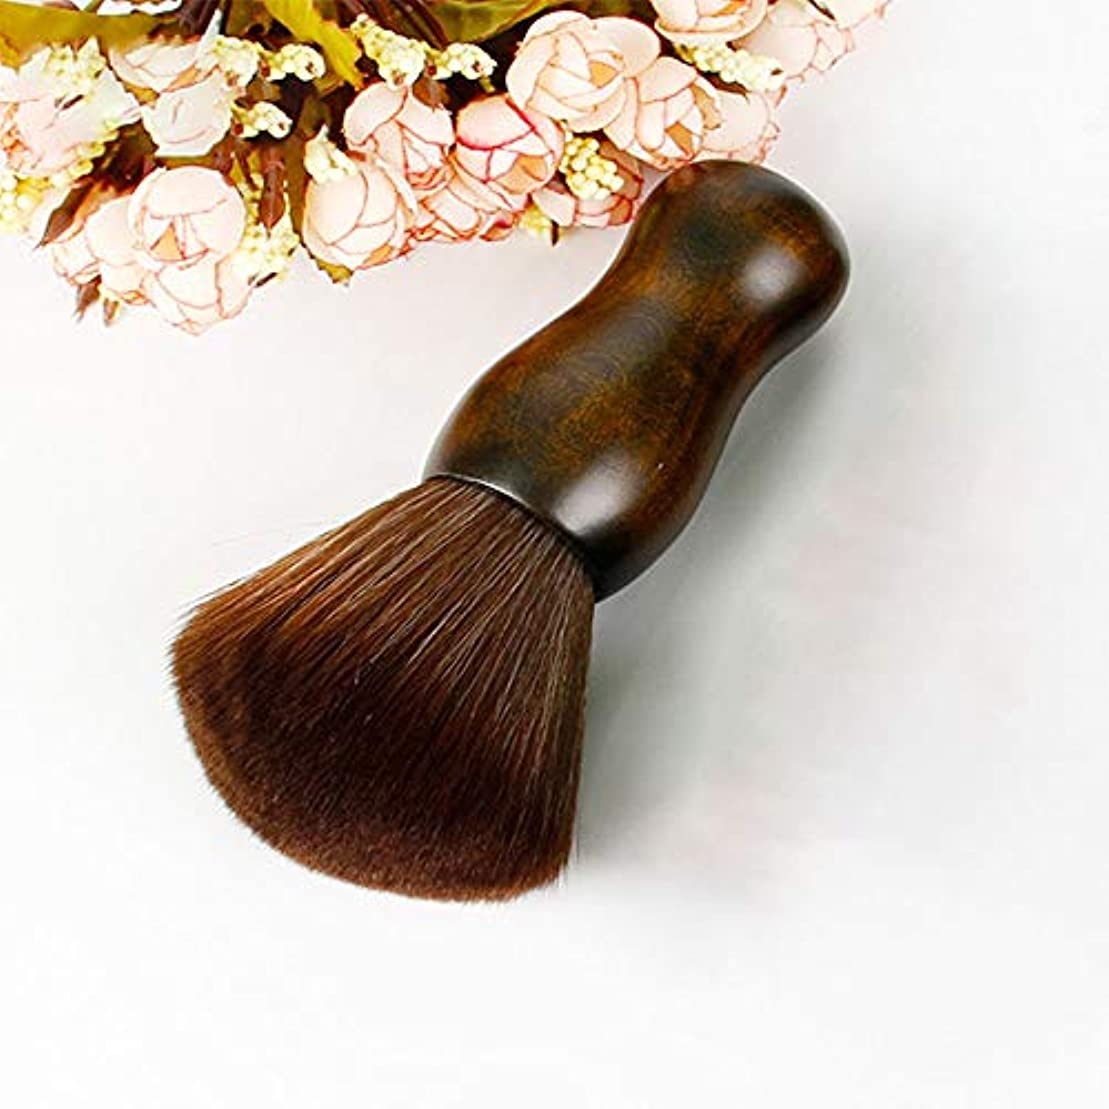 ペンススライスサンダル専門のバリカンつばの三つ編みのブラシの頭部、木のハンドルの毛の切断装置のナイロンブラシ